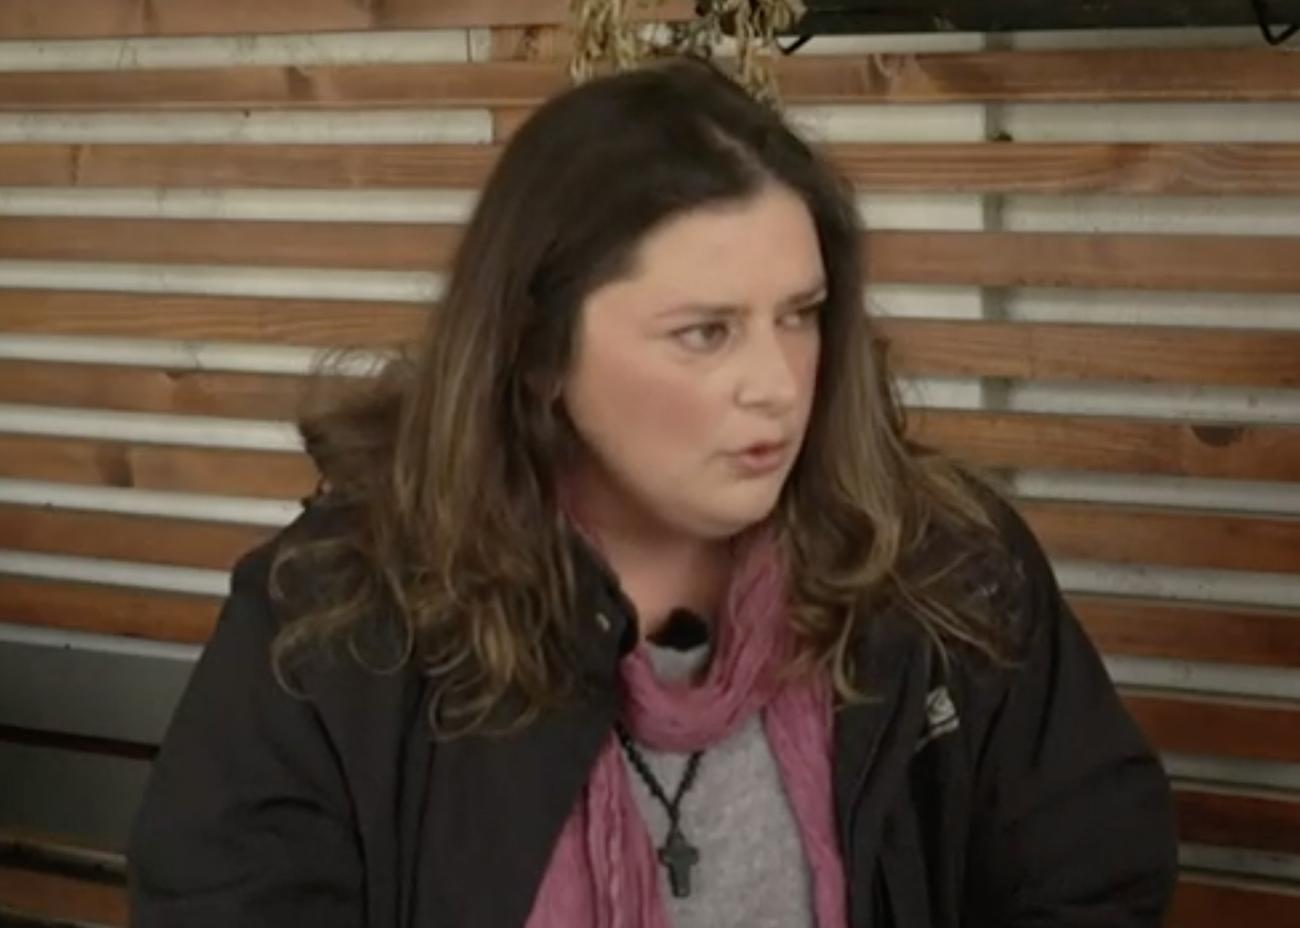 Δόμνα Κουντούρη: «Δέχθηκα μπούλινγκ κι έχω χάσει δουλειές λόγω των κιλών μου»